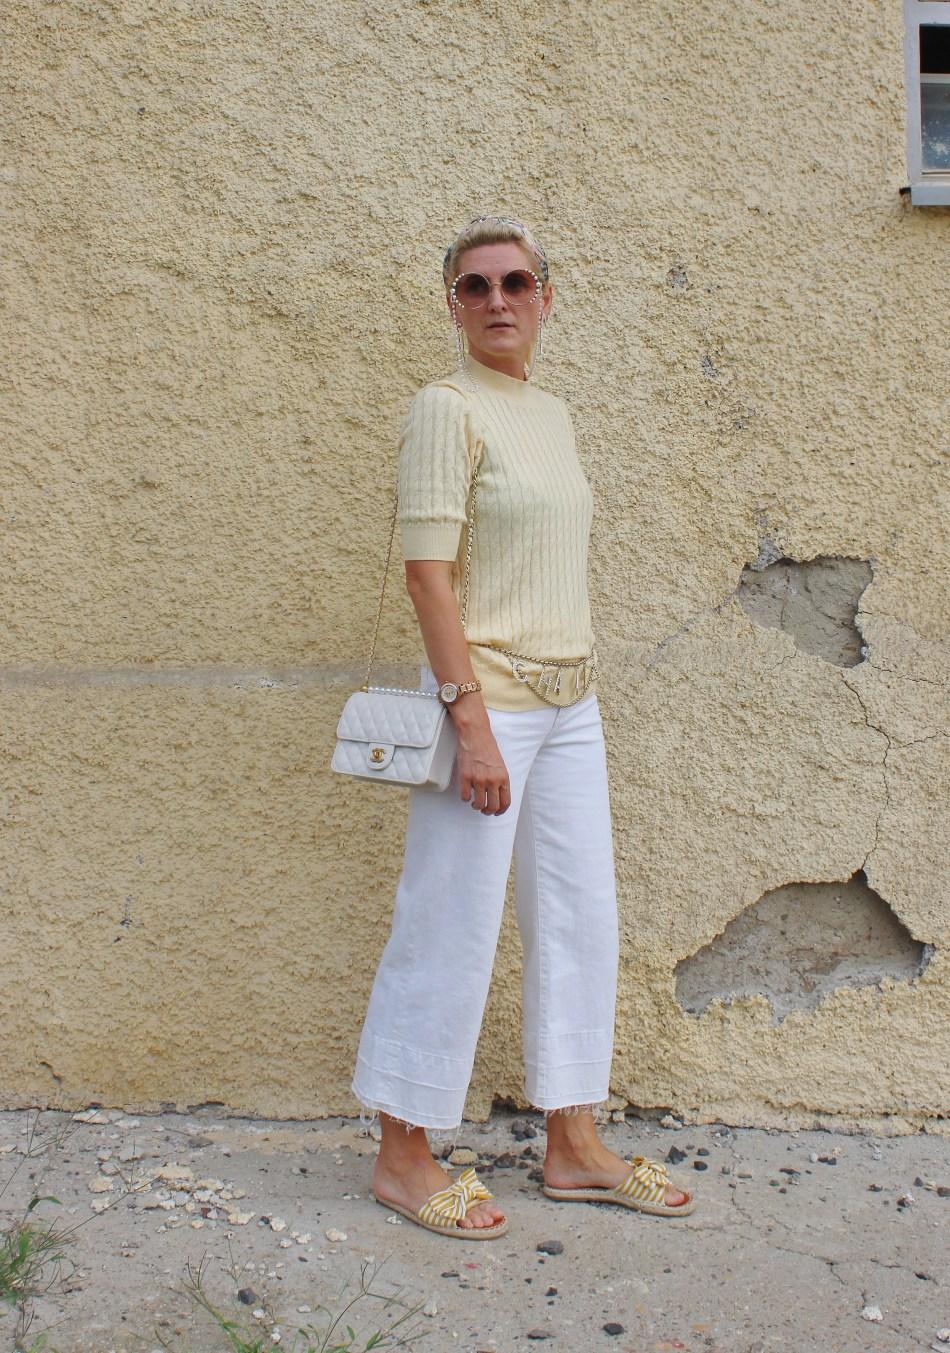 Palazzo-Jeans-Trend-Chanel-Chainbelt-Chanel-Bag-carrieslifestyle-Tamara-Prutsch-weiße-Hose-Zara